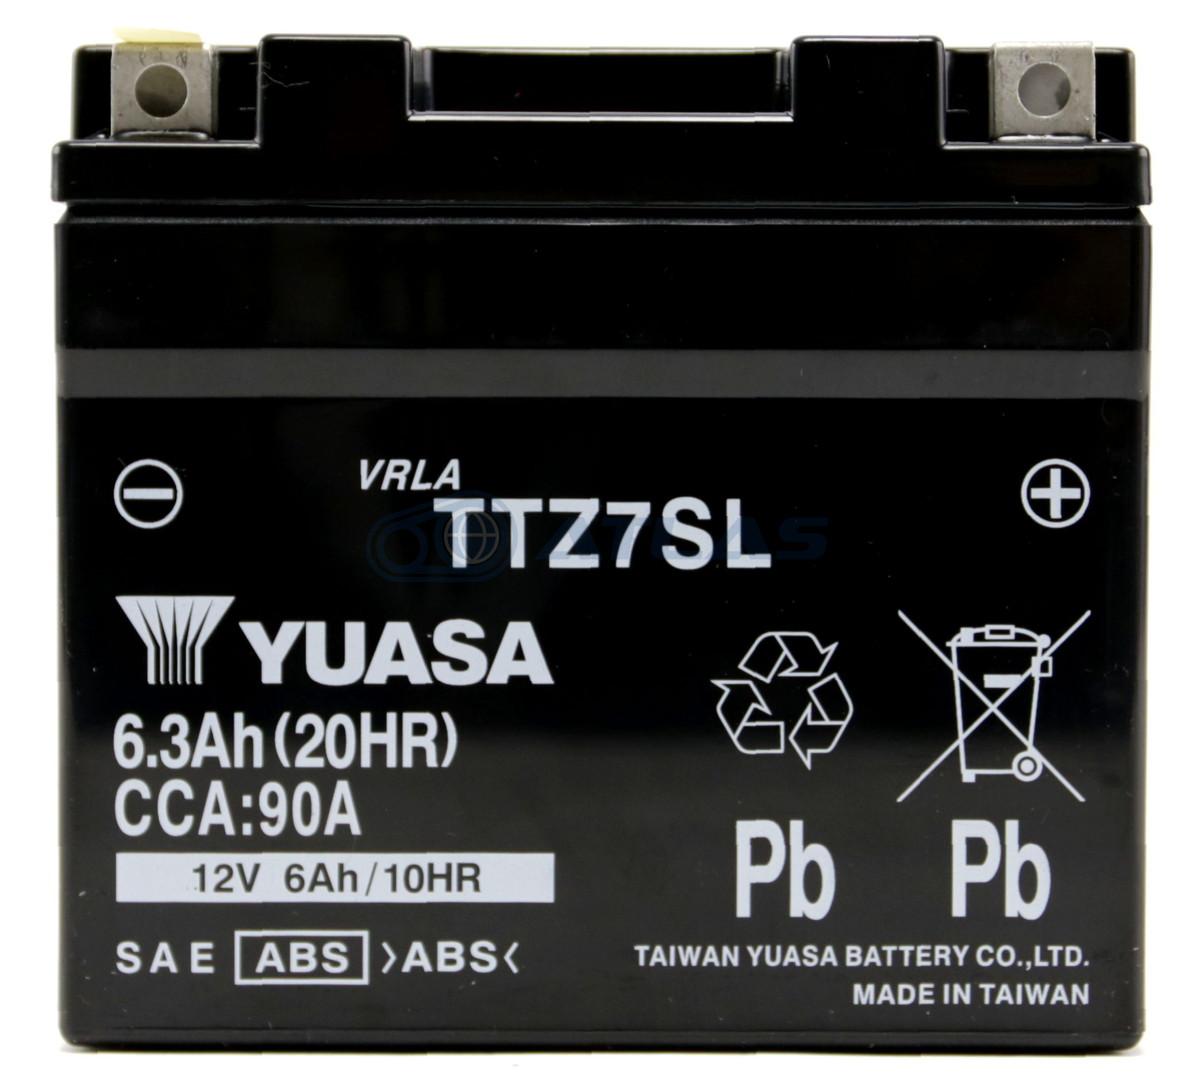 信頼と実績の台湾YUASA製バッテリー 台湾ユアサ TAIWAN YUASA 期間限定特別価格 TTZ7SL 1年保証 お買い得 FTZ7S 互換YTZ7S 初期充電済み